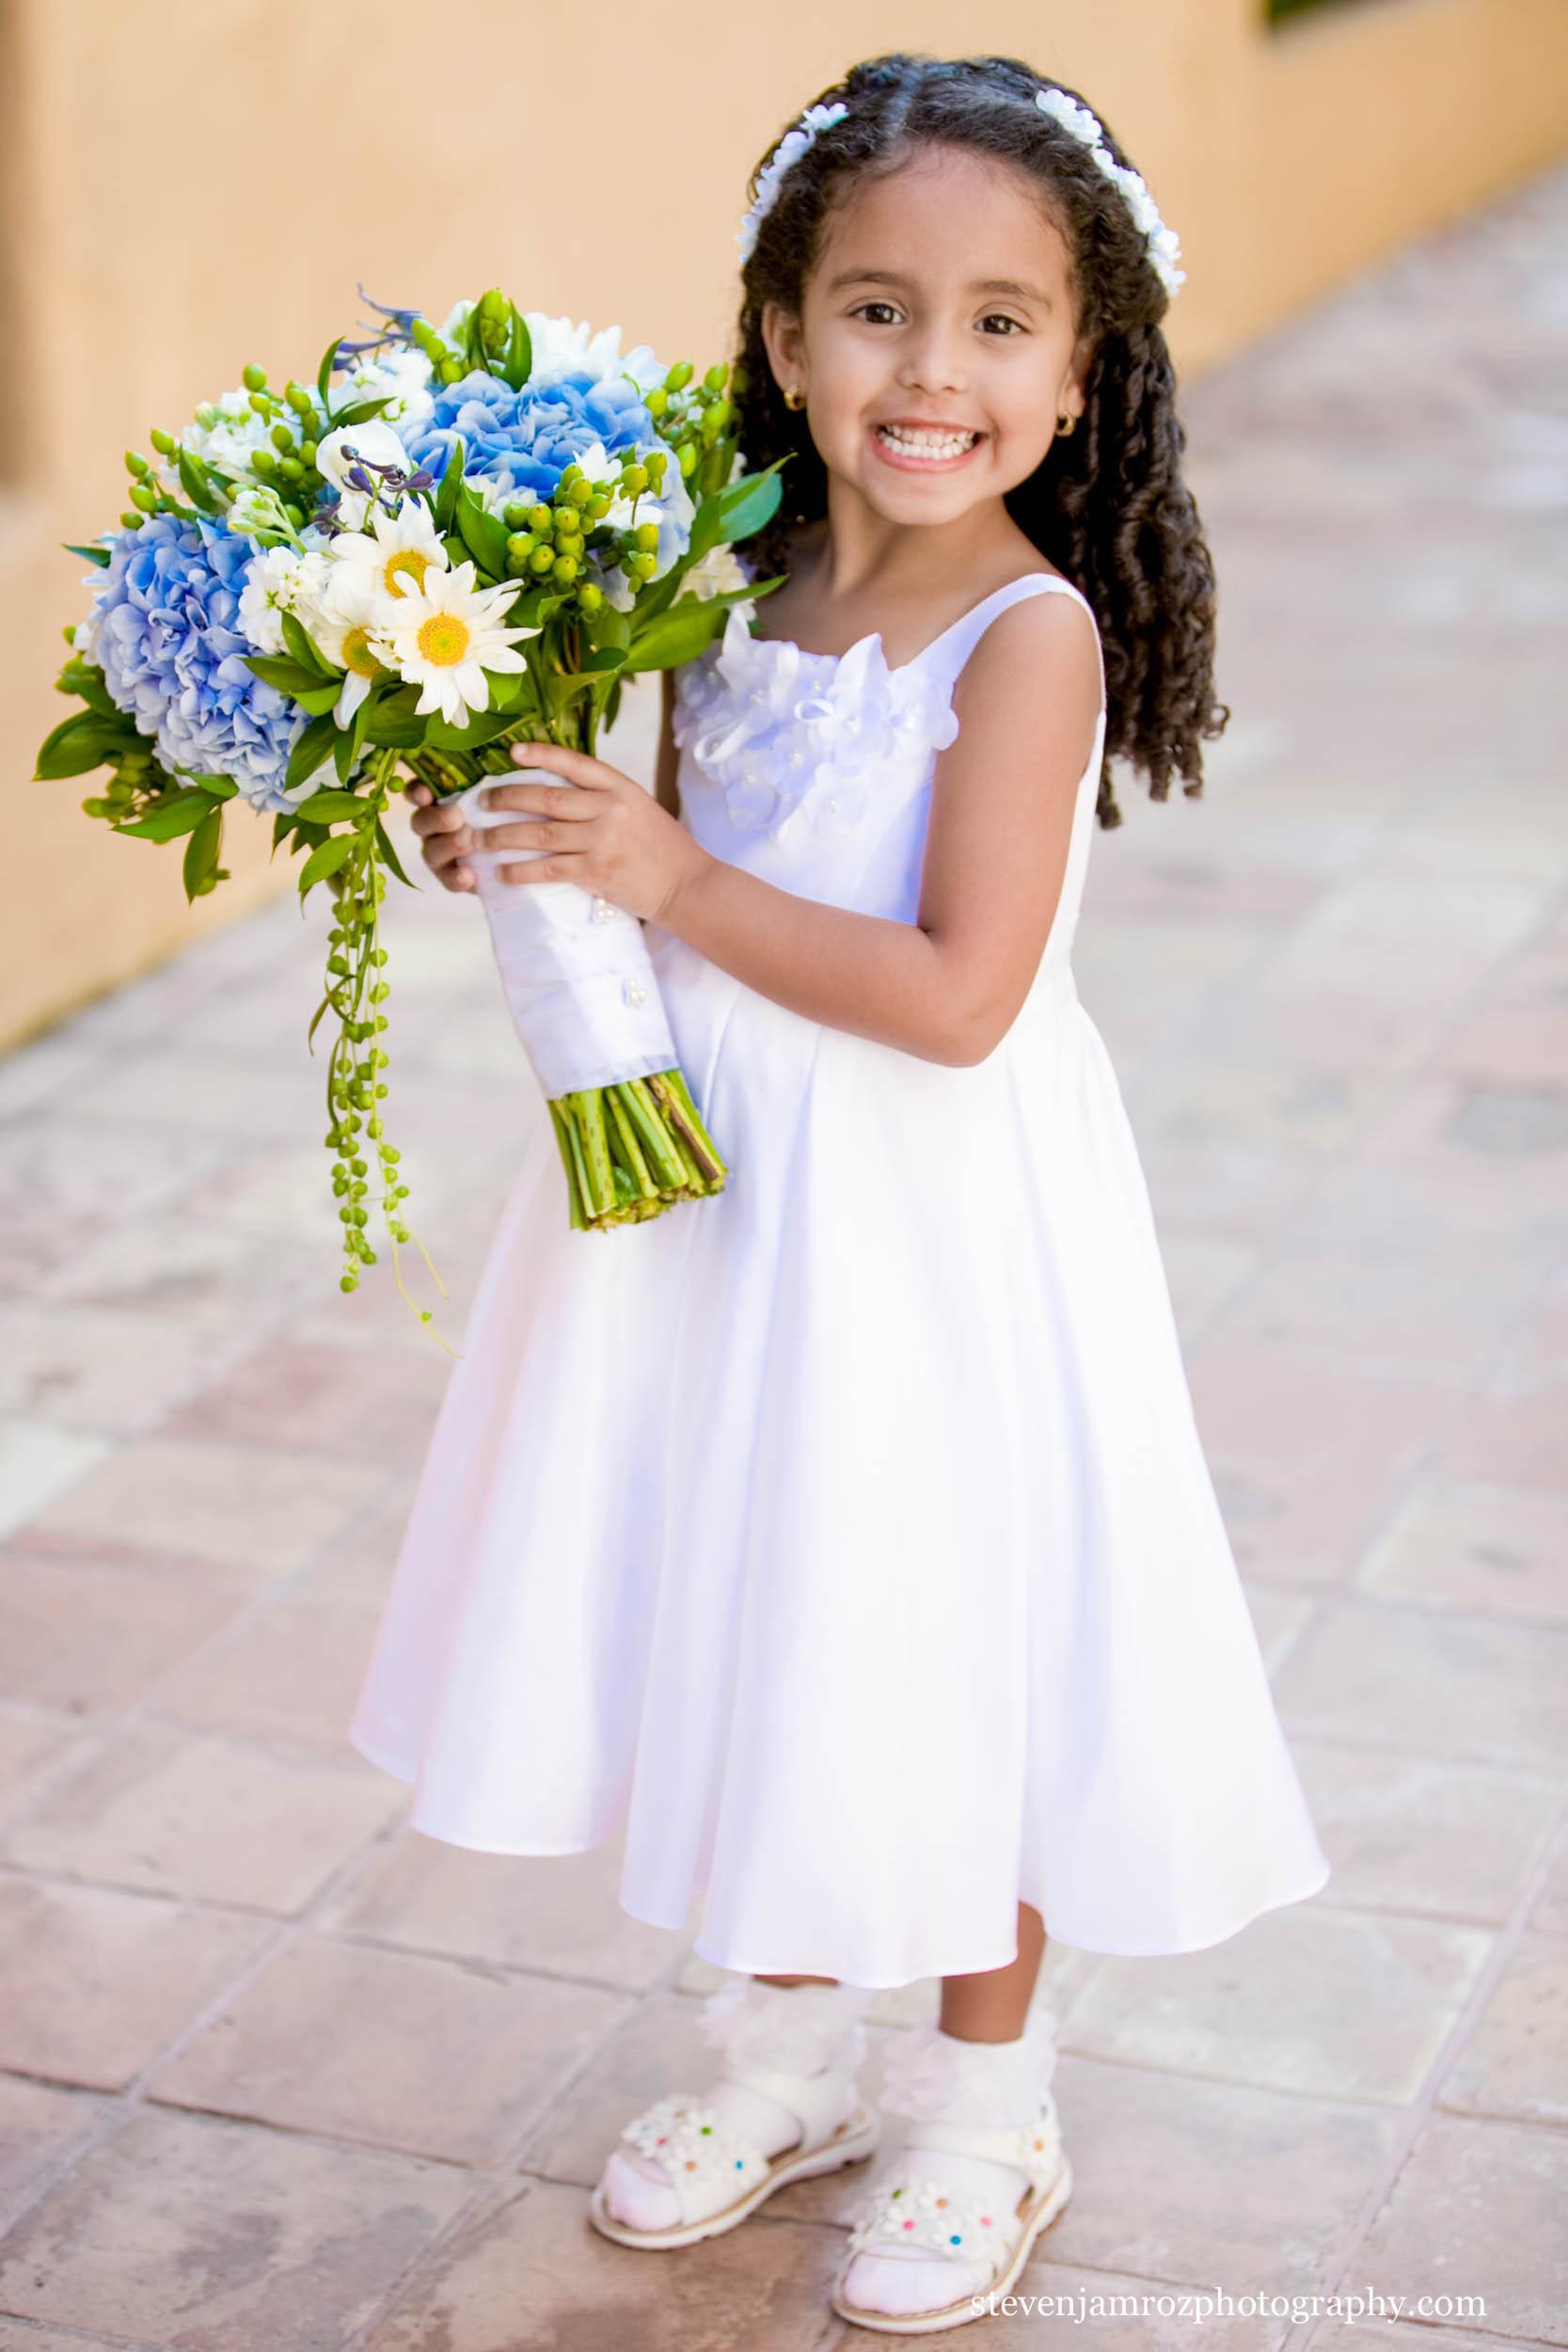 flower-girl-large-bouquet-raleigh-nc-steven-jamroz-photography-0038.jpg